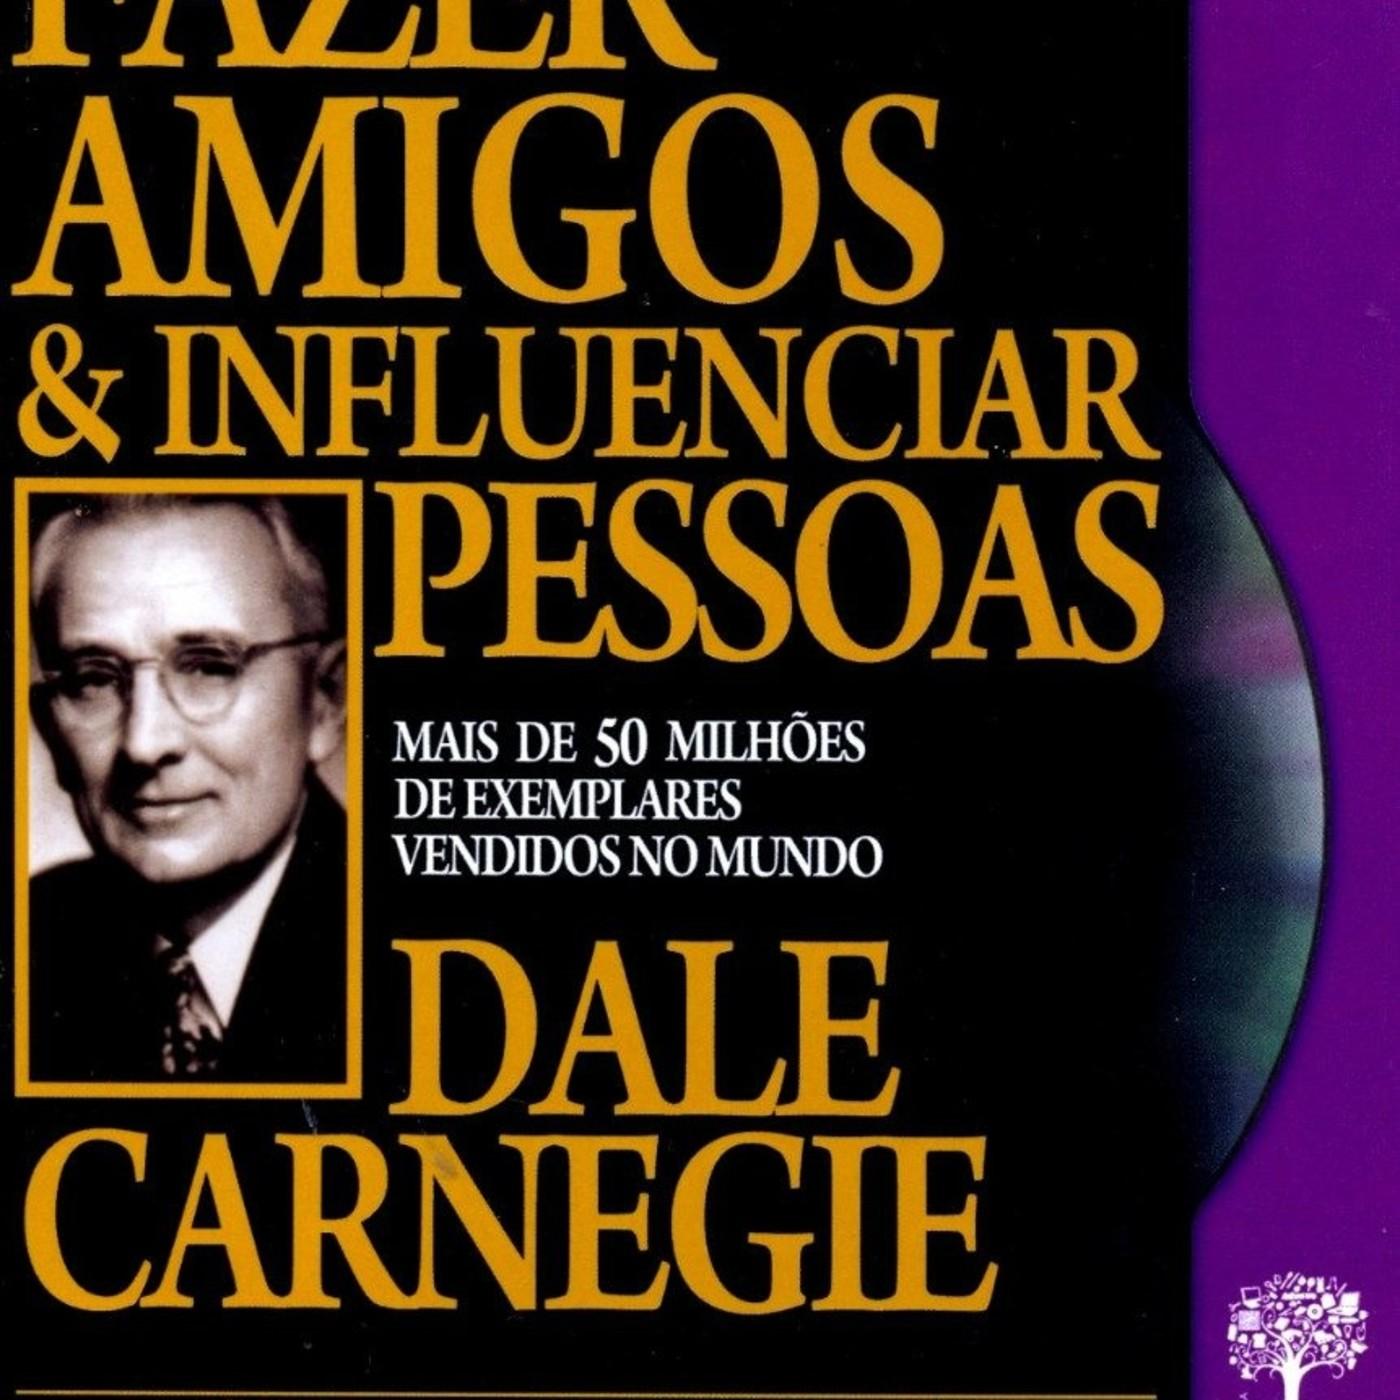 02 - 18 - Como Fazer Amigos e Influenciar Pessoas - Dale Carnegie [FRACIONADO 30m]